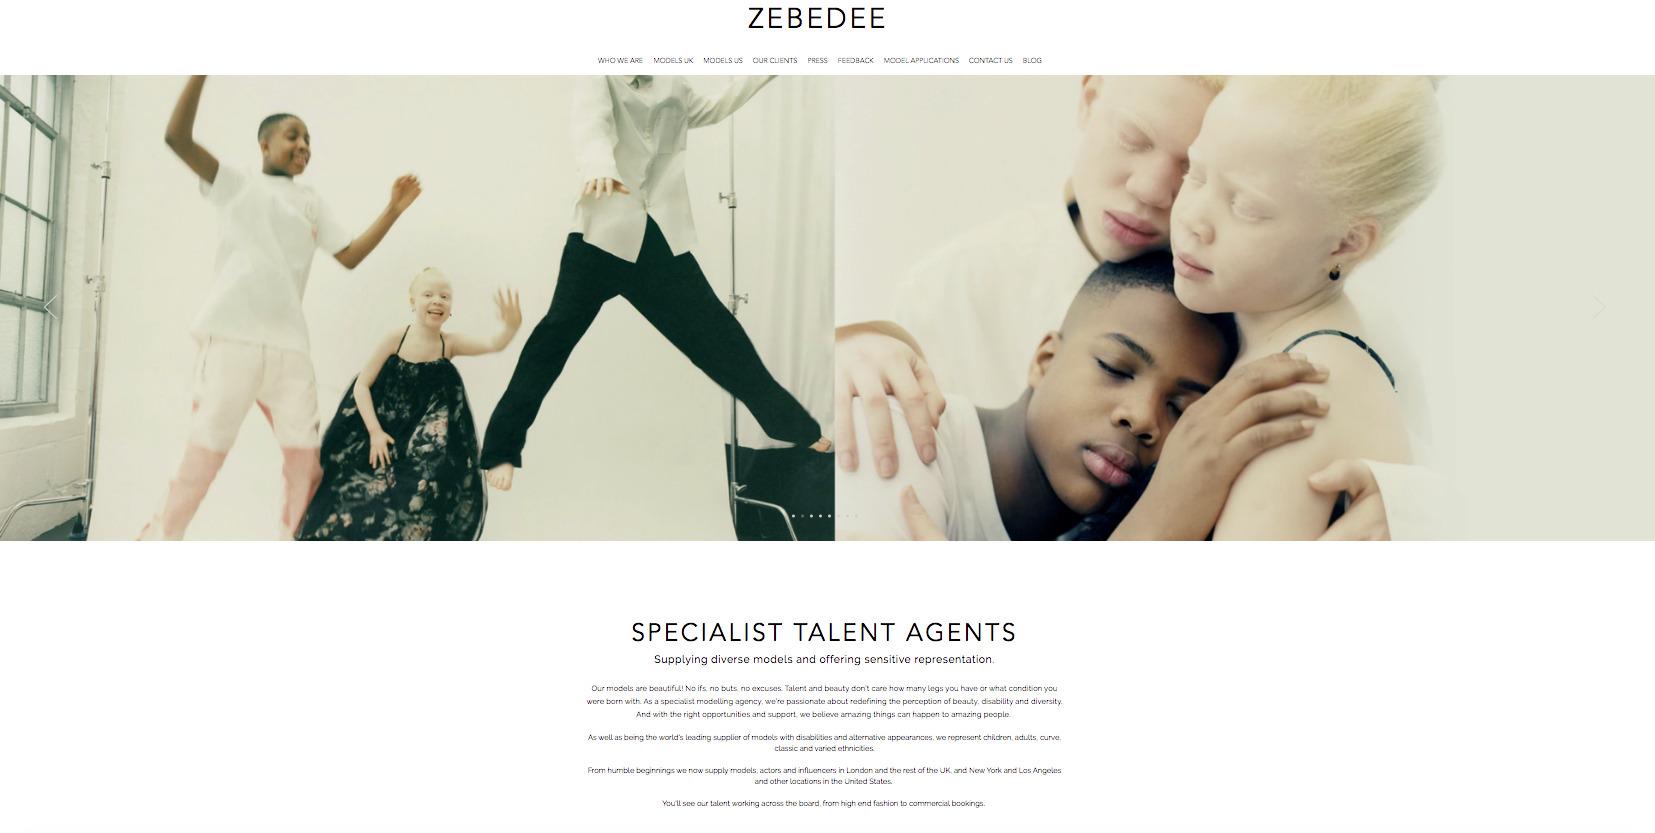 Zebedee Website